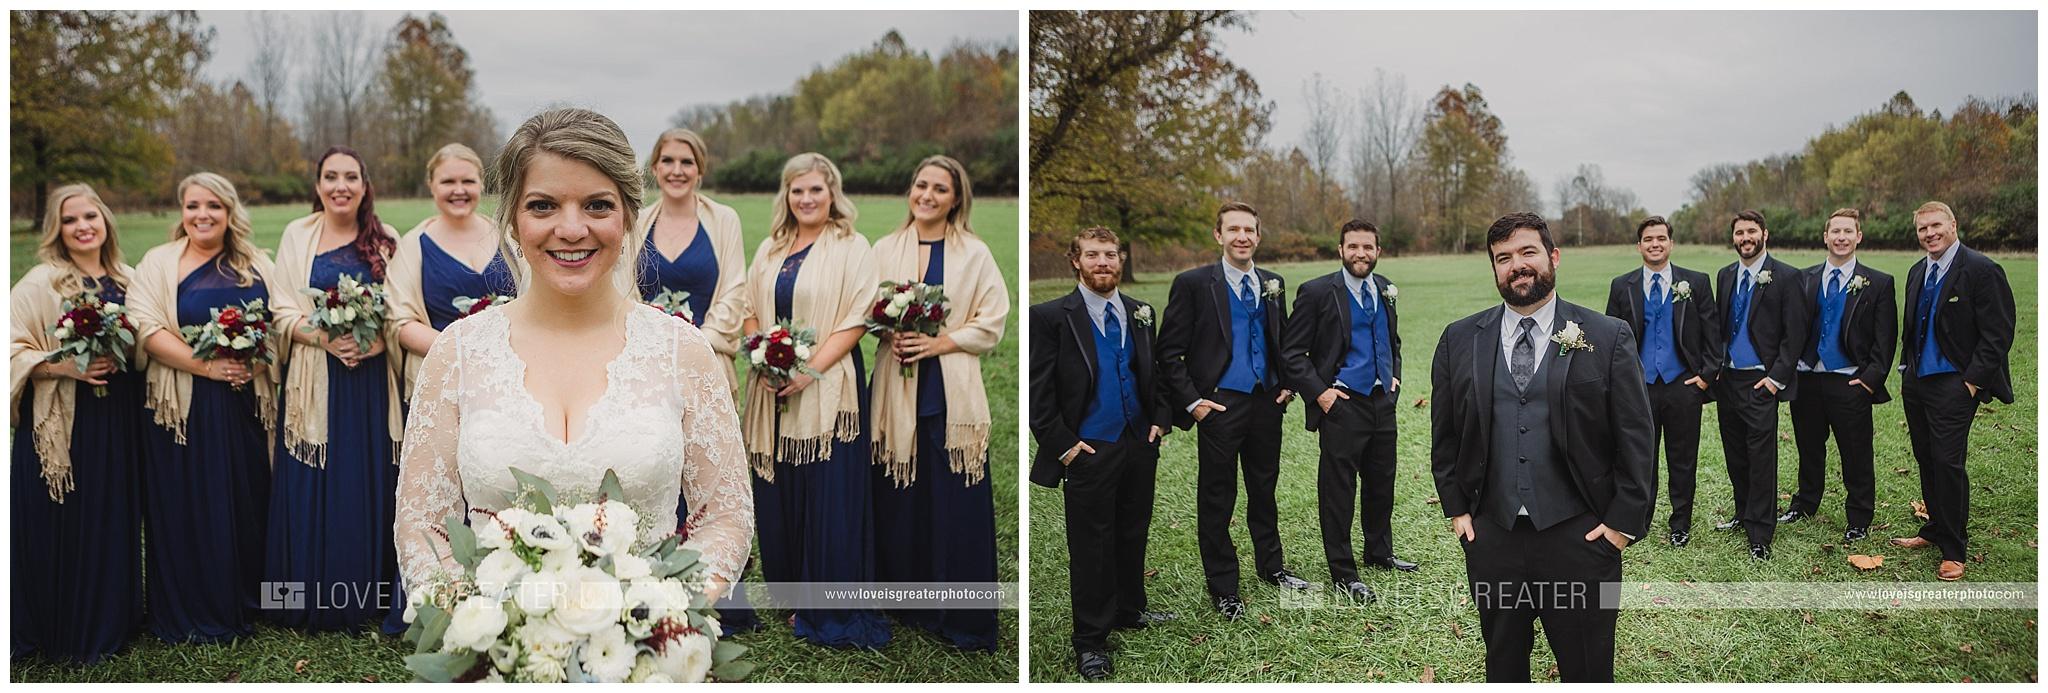 toledo-wedding-photographer_0020-1